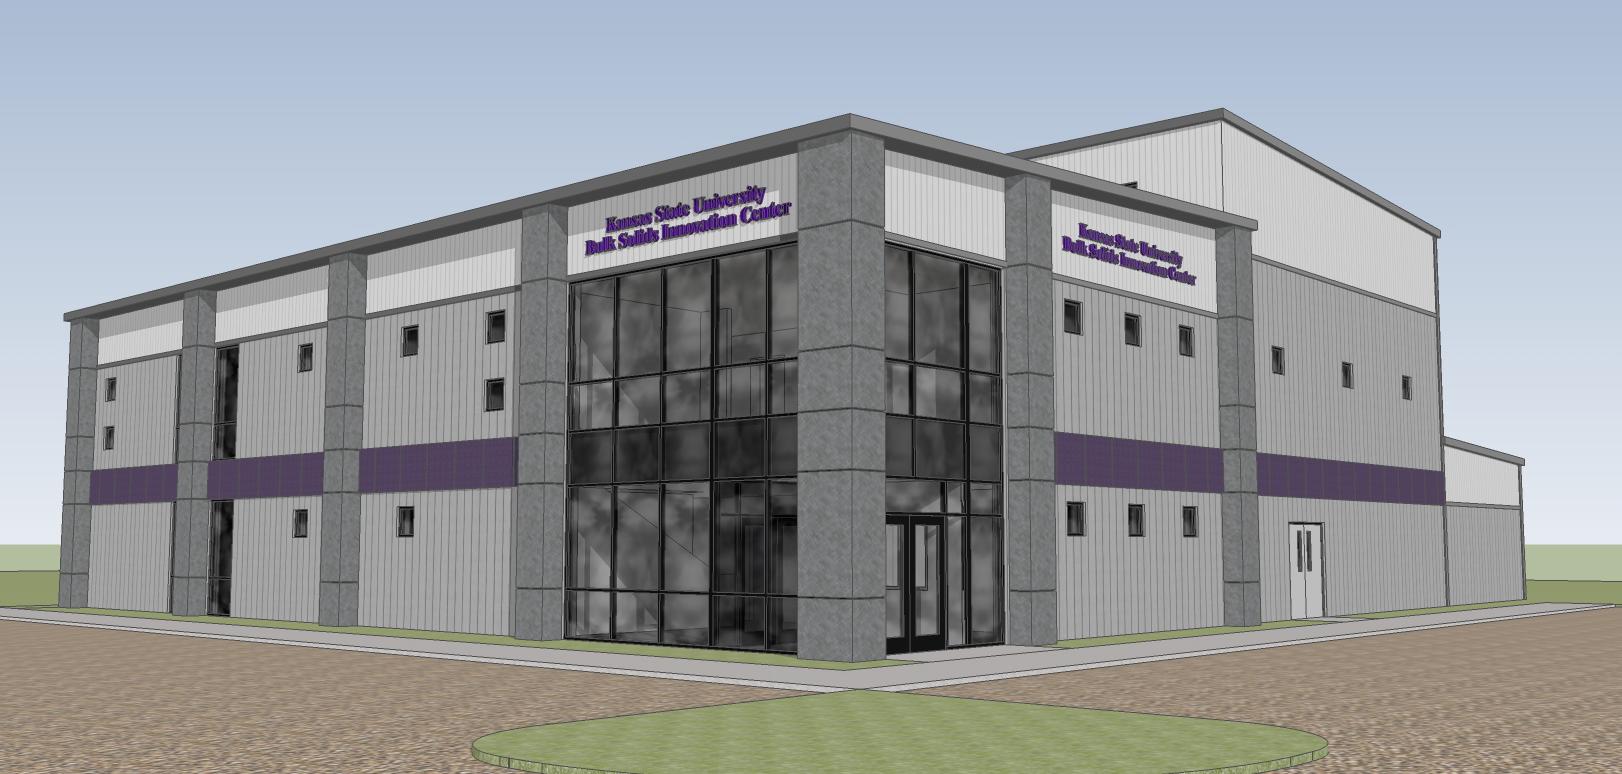 Rendering of K-State Bulk Solids Innovation Center in Salina, KS